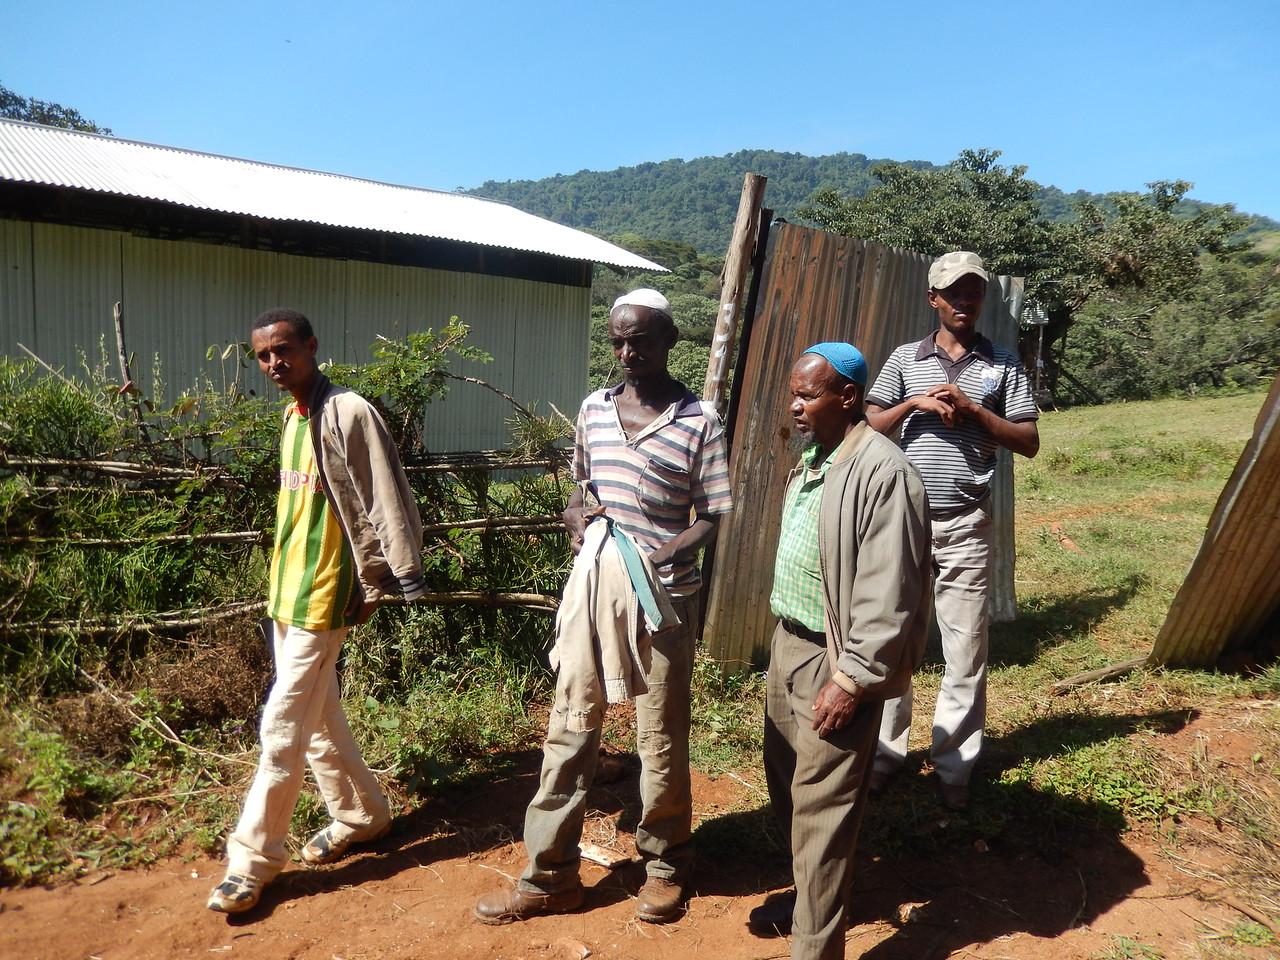 ethiopia-biftu-gudina-9.jpg